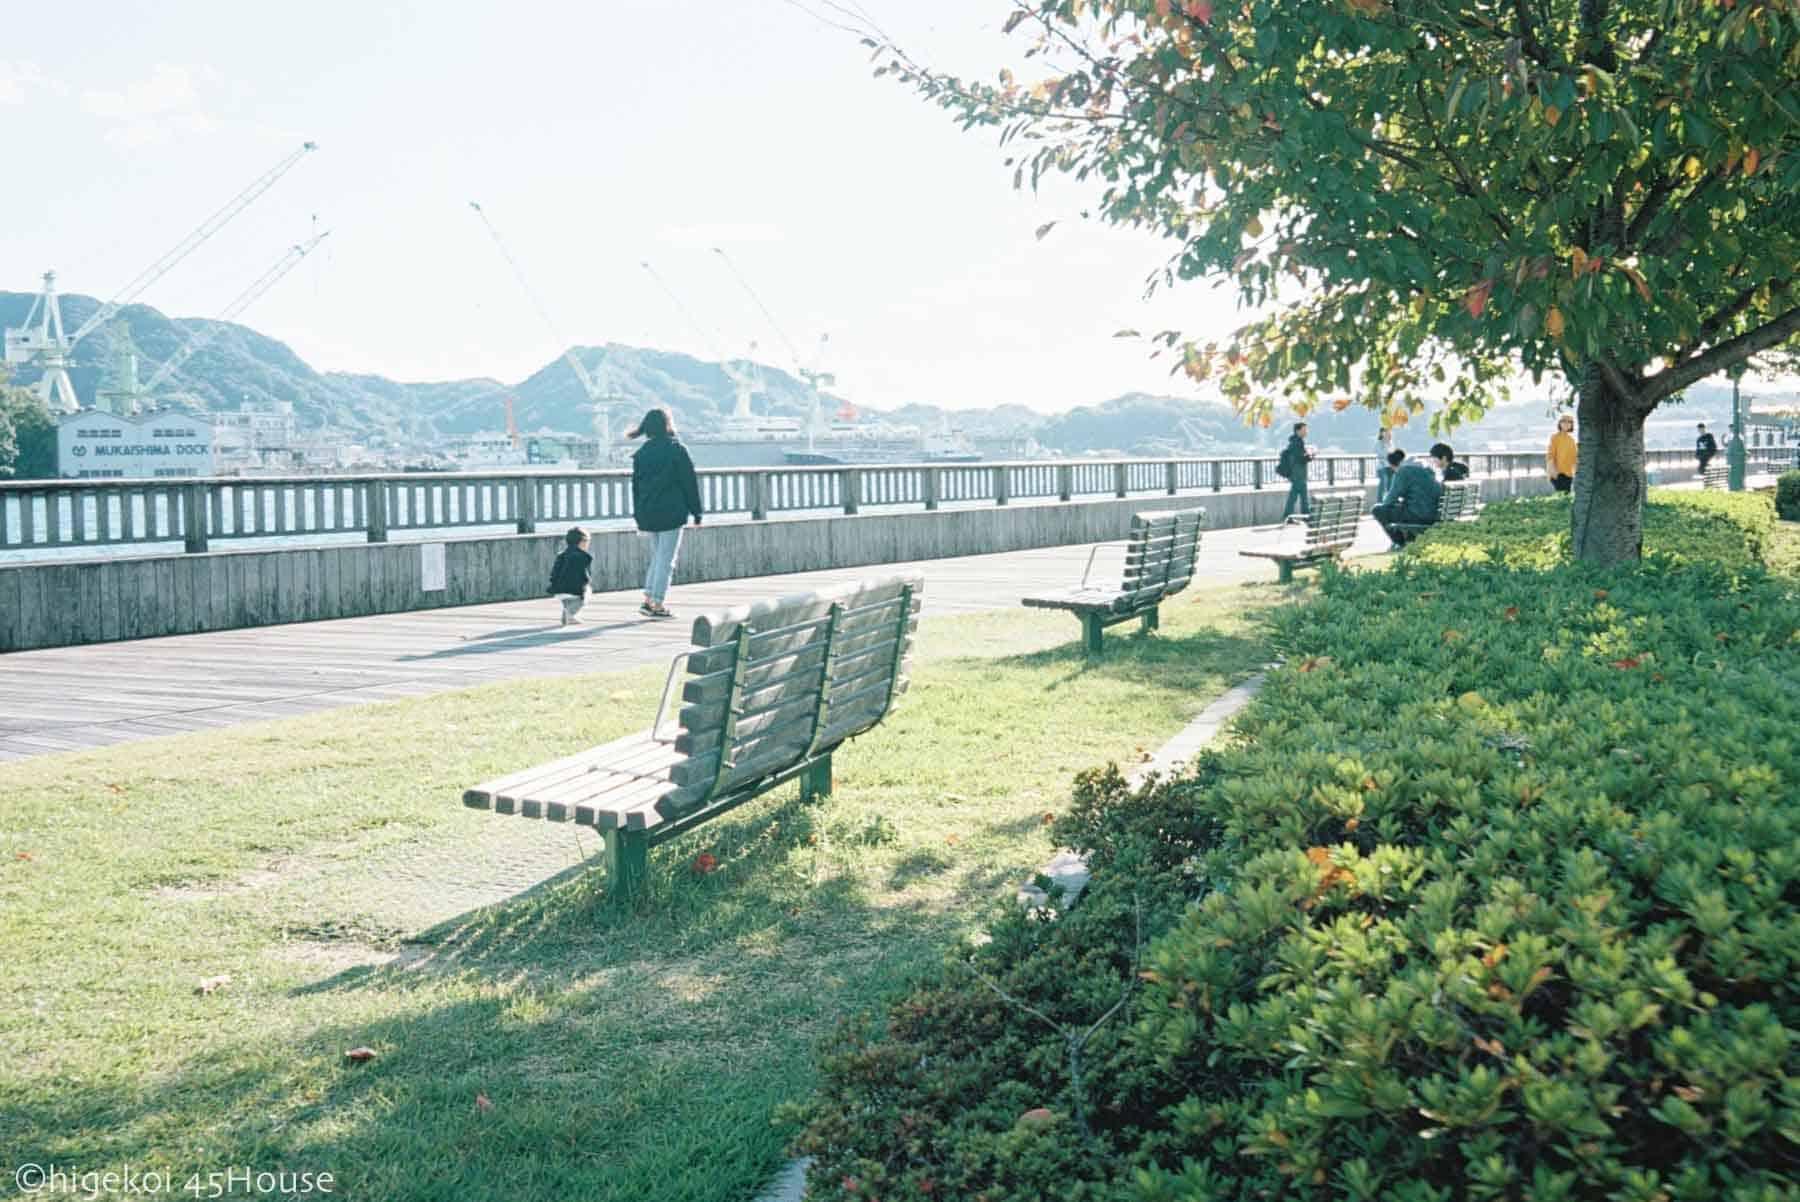 尾道ポートラ160 ナチュラ